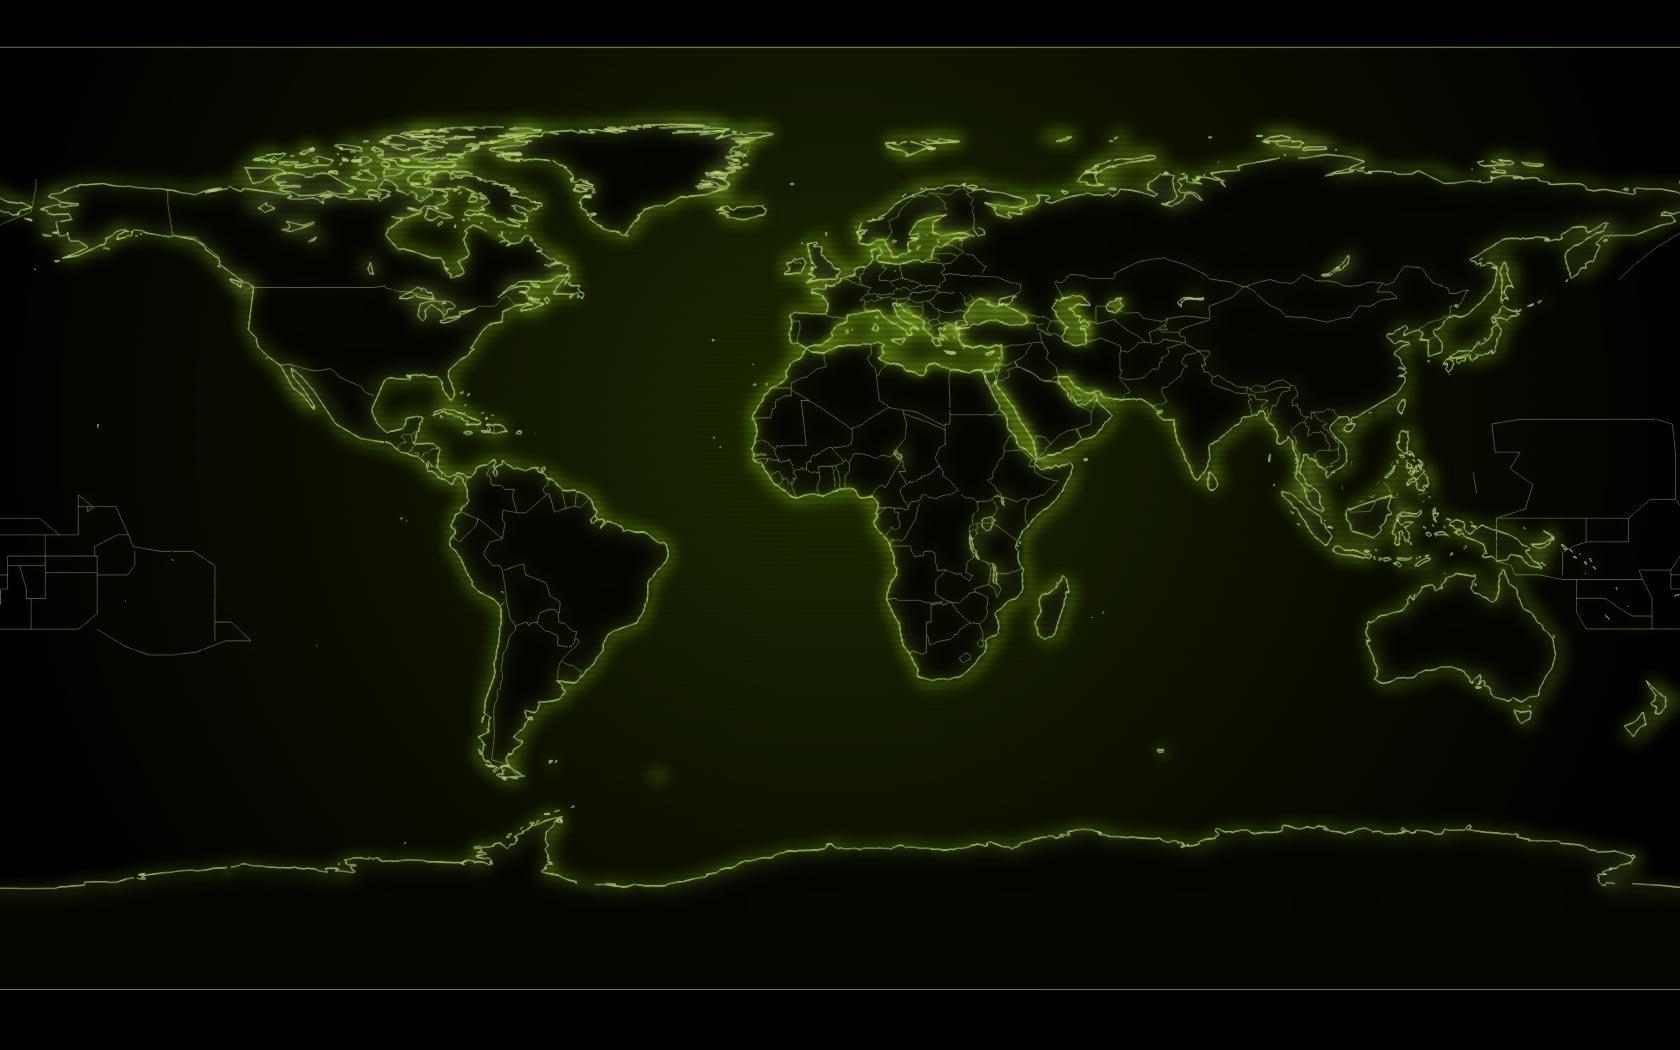 Hd Desktop Backgrounds 1680x1050: World Map Wallpapers 1680x1050 Desktop Backgrounds